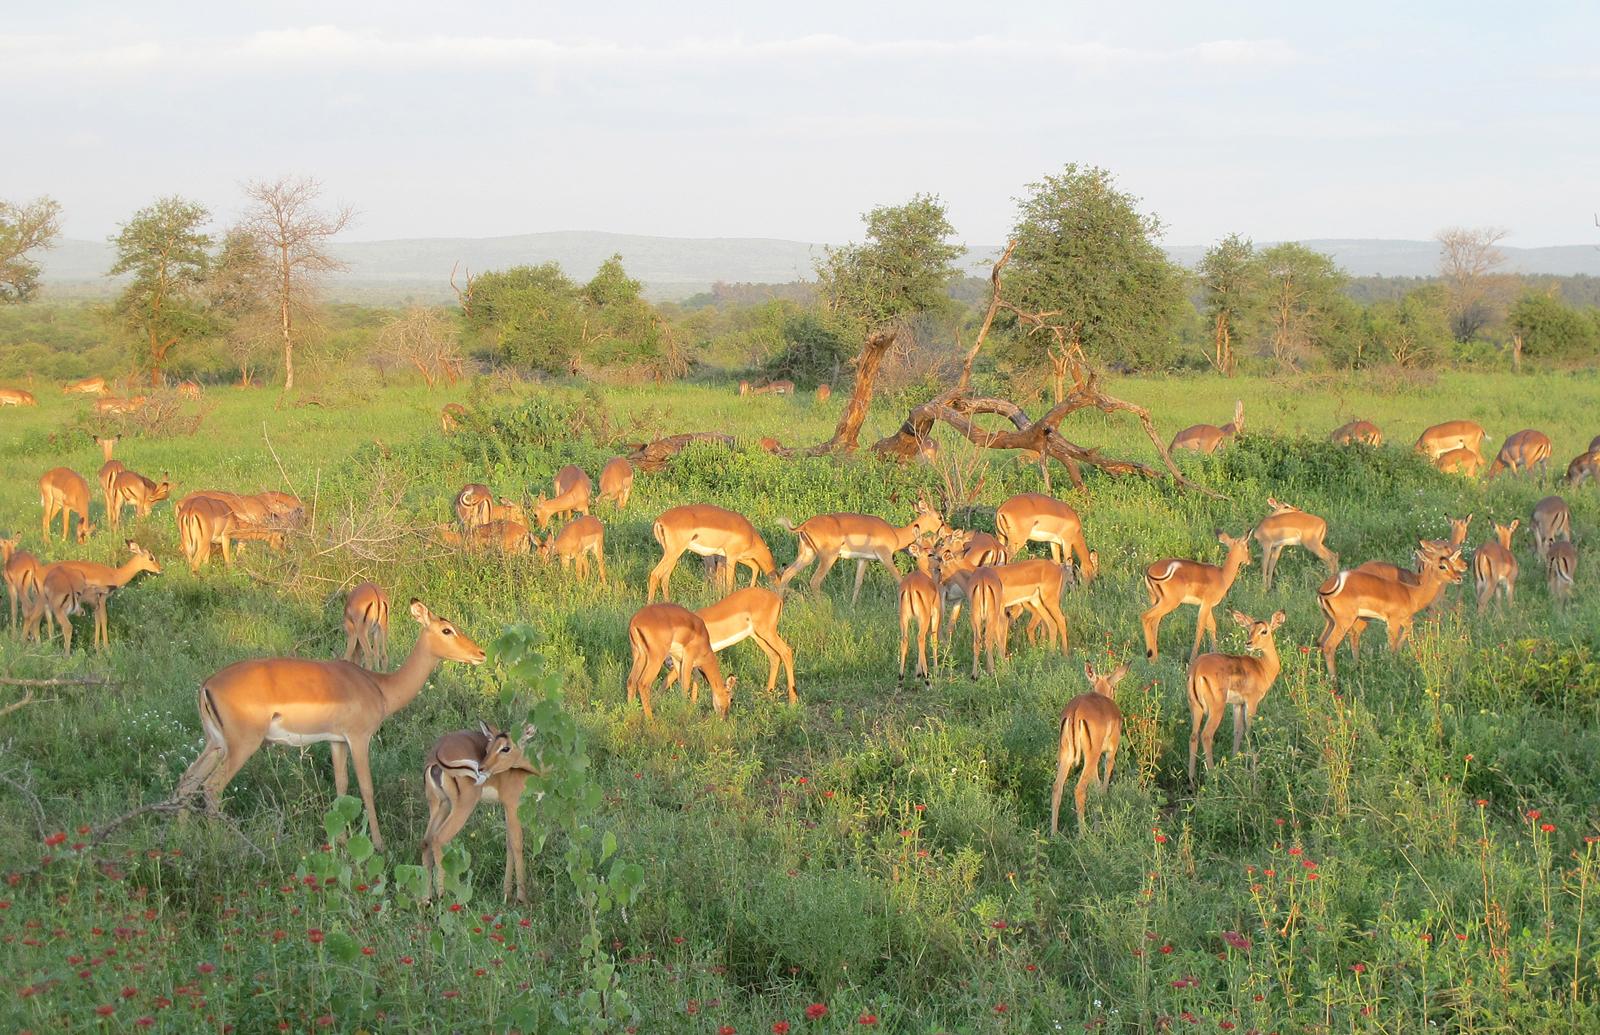 impala-kruger-national-park